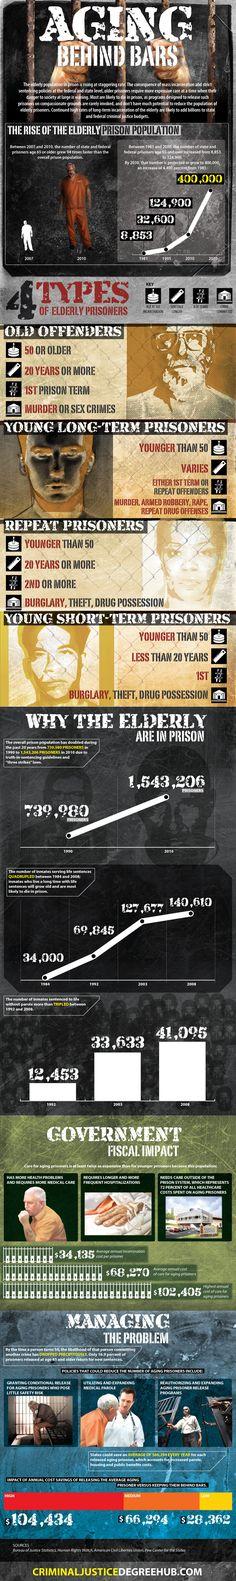 Aging Prisoners